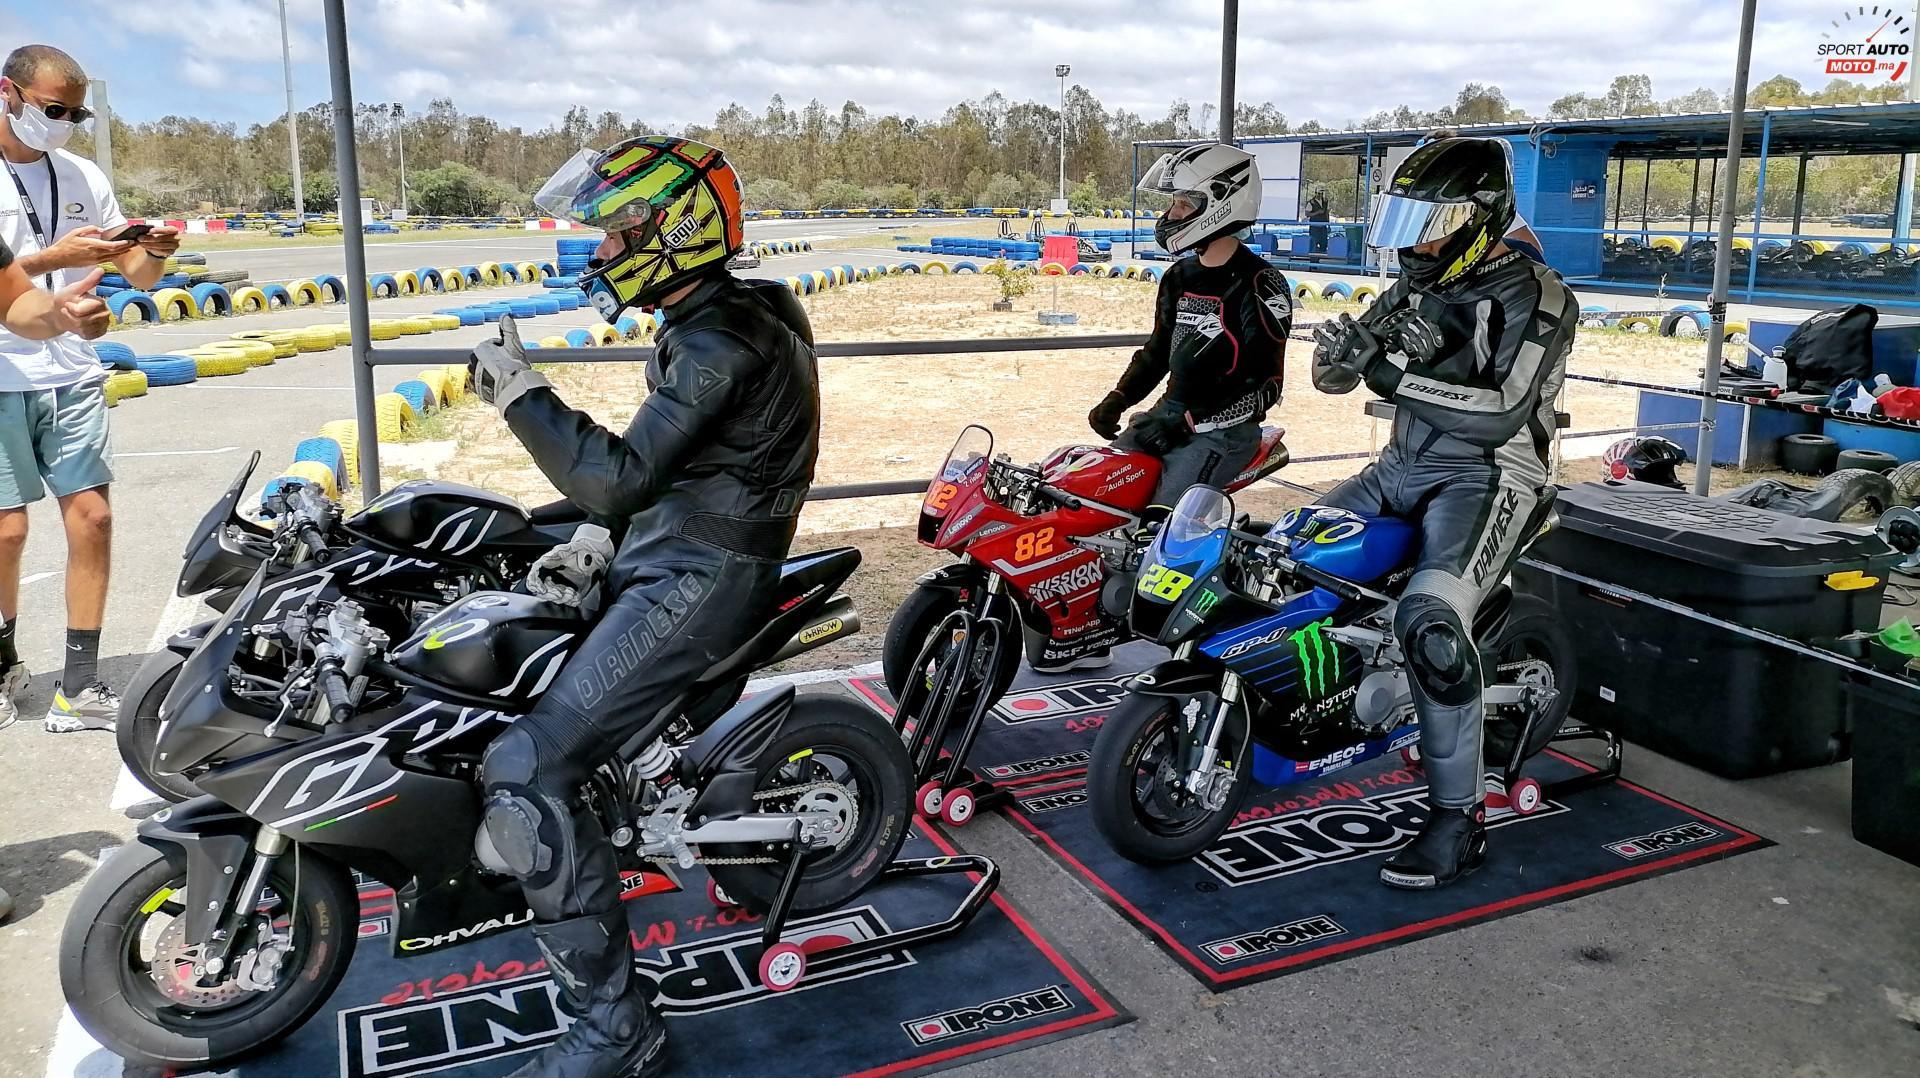 la-marque-de-moto-de-competition-ohvale-officiellement-au-maroc-1316-8.jpg